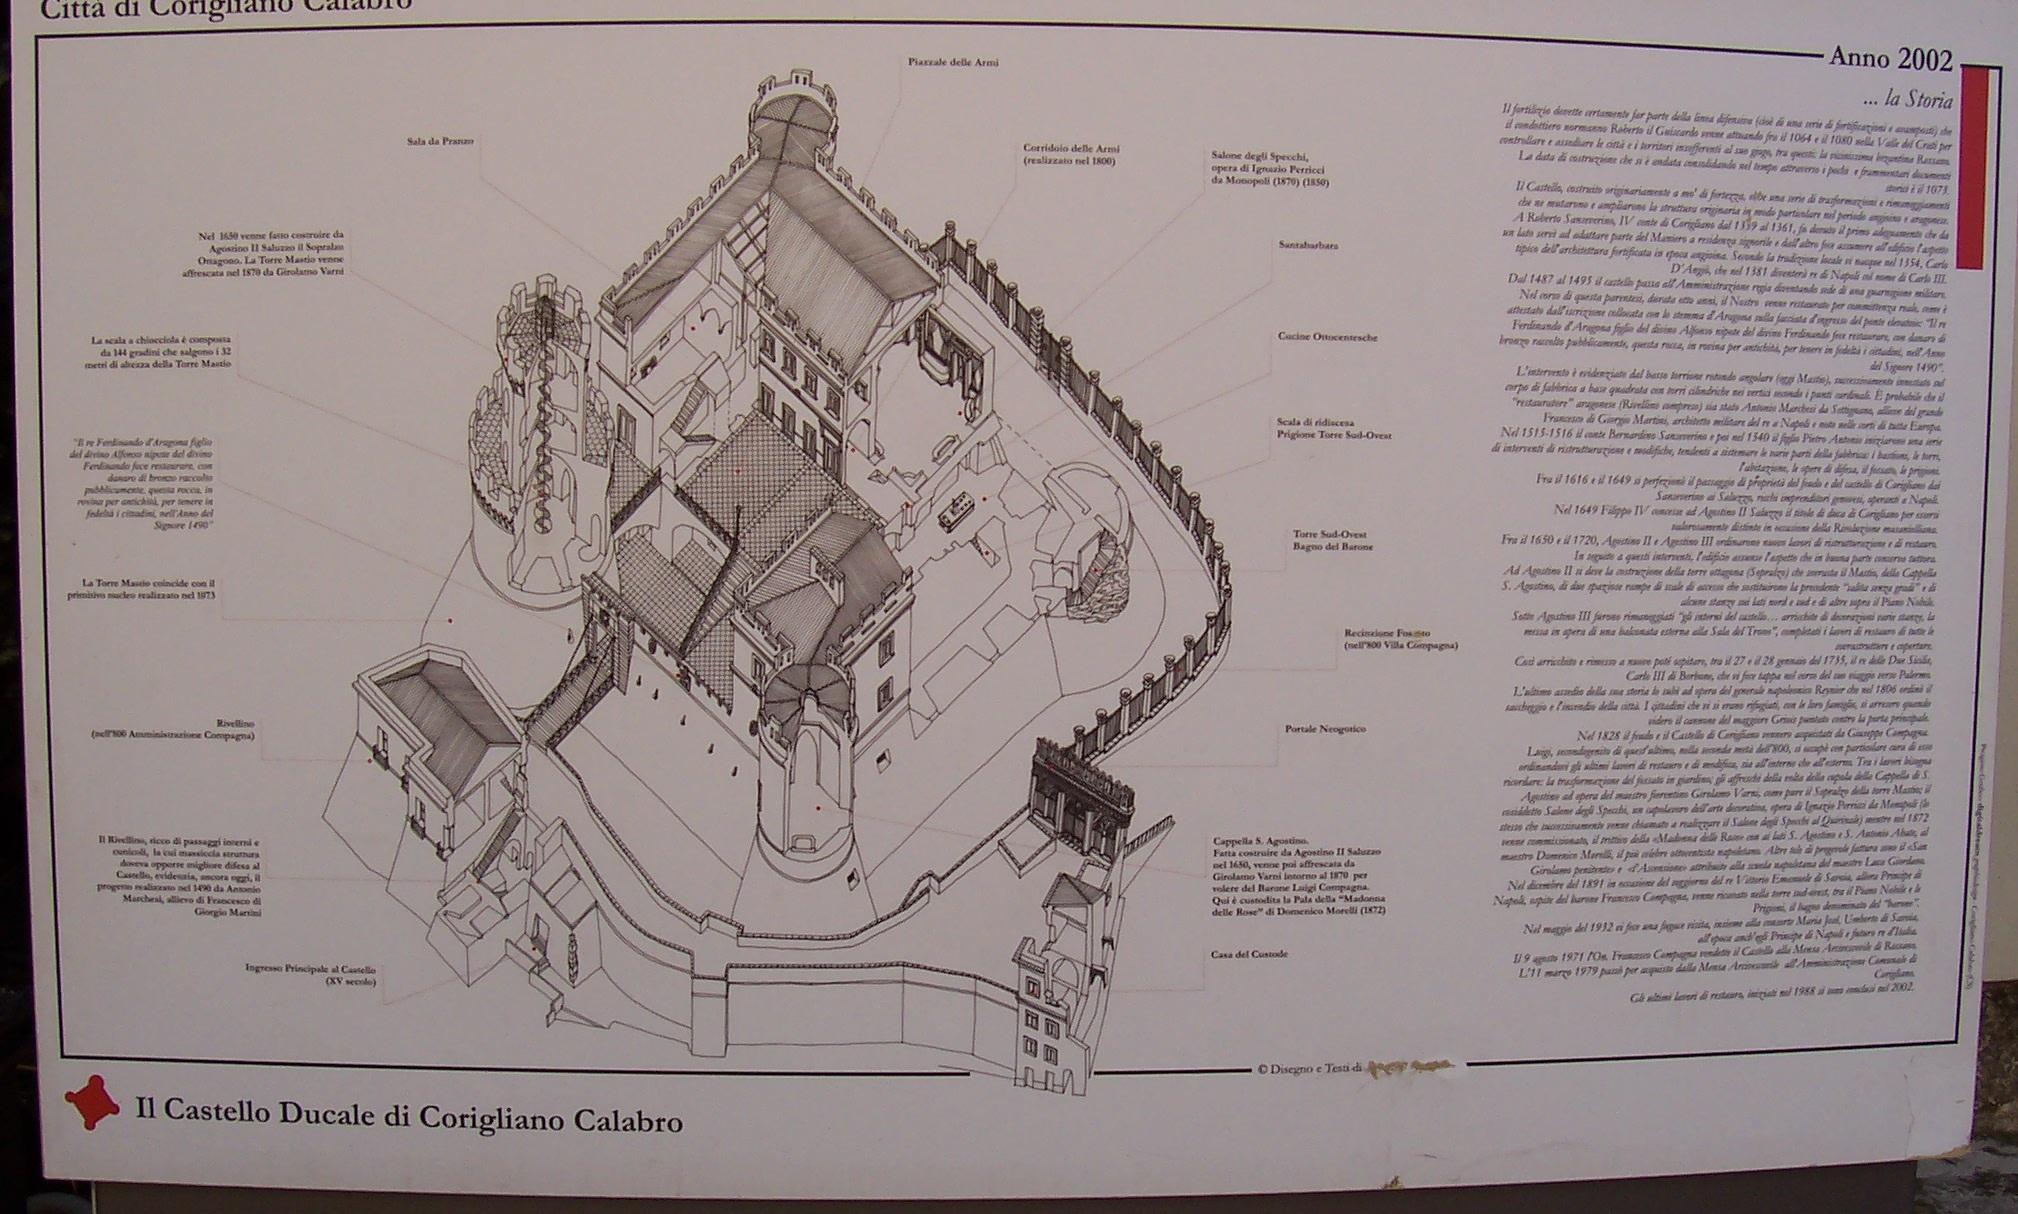 Mappa turistica e sezione del castello Ducale di Corigliano Calabro